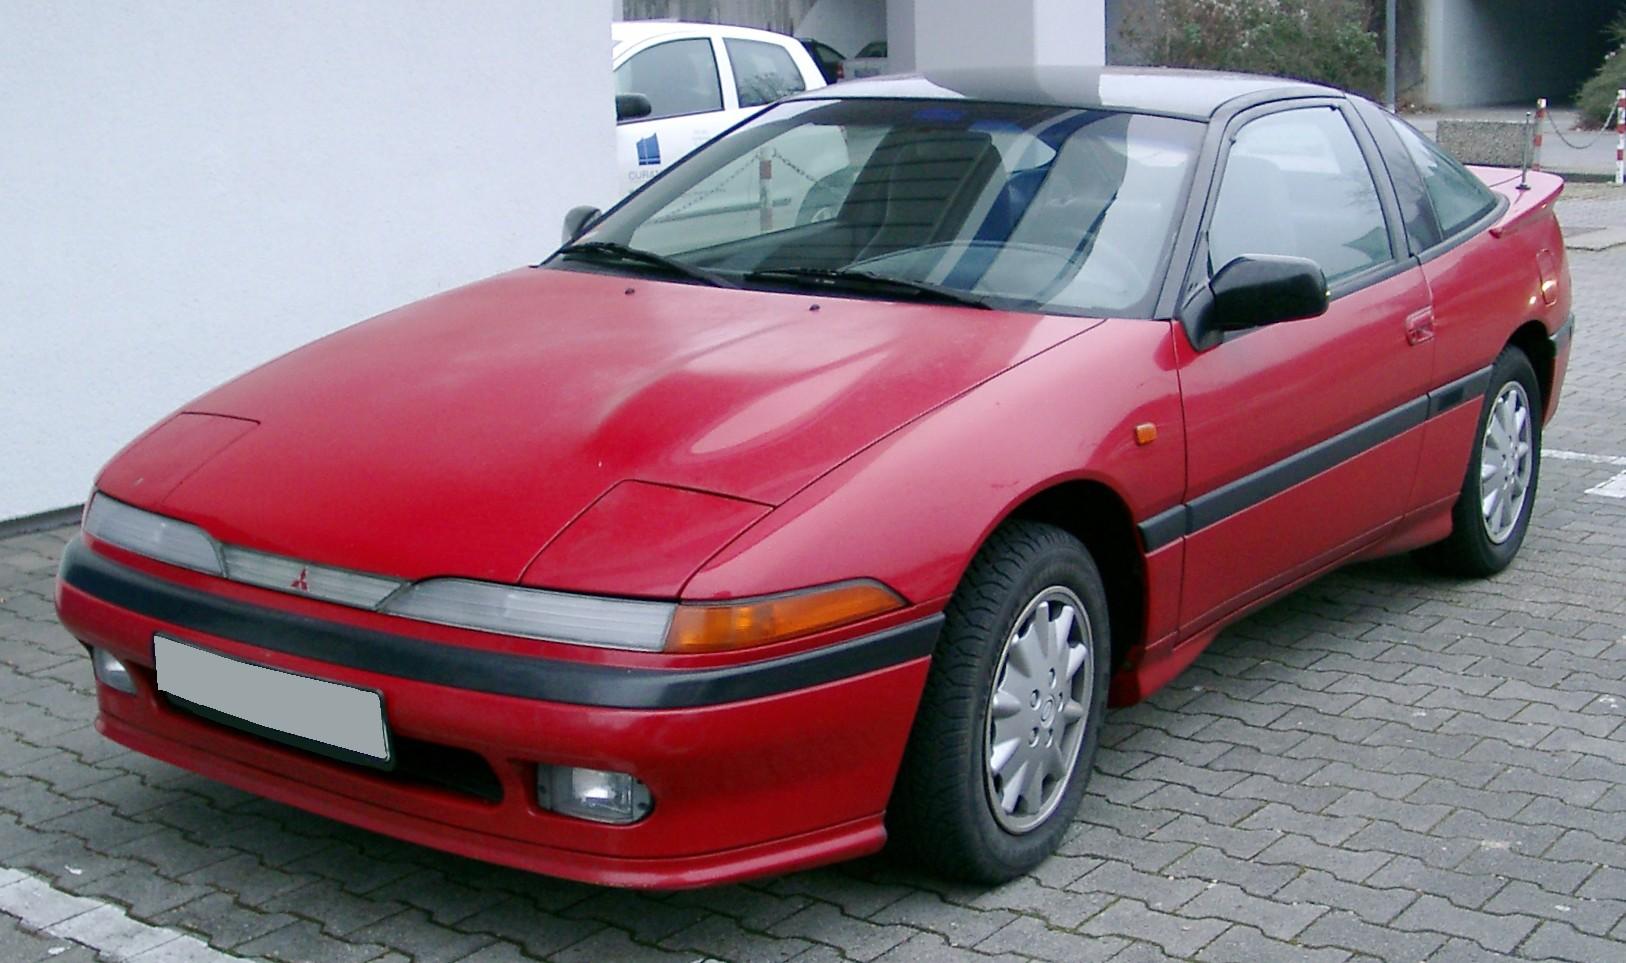 Mitsubishi Eclipse Wikipedia